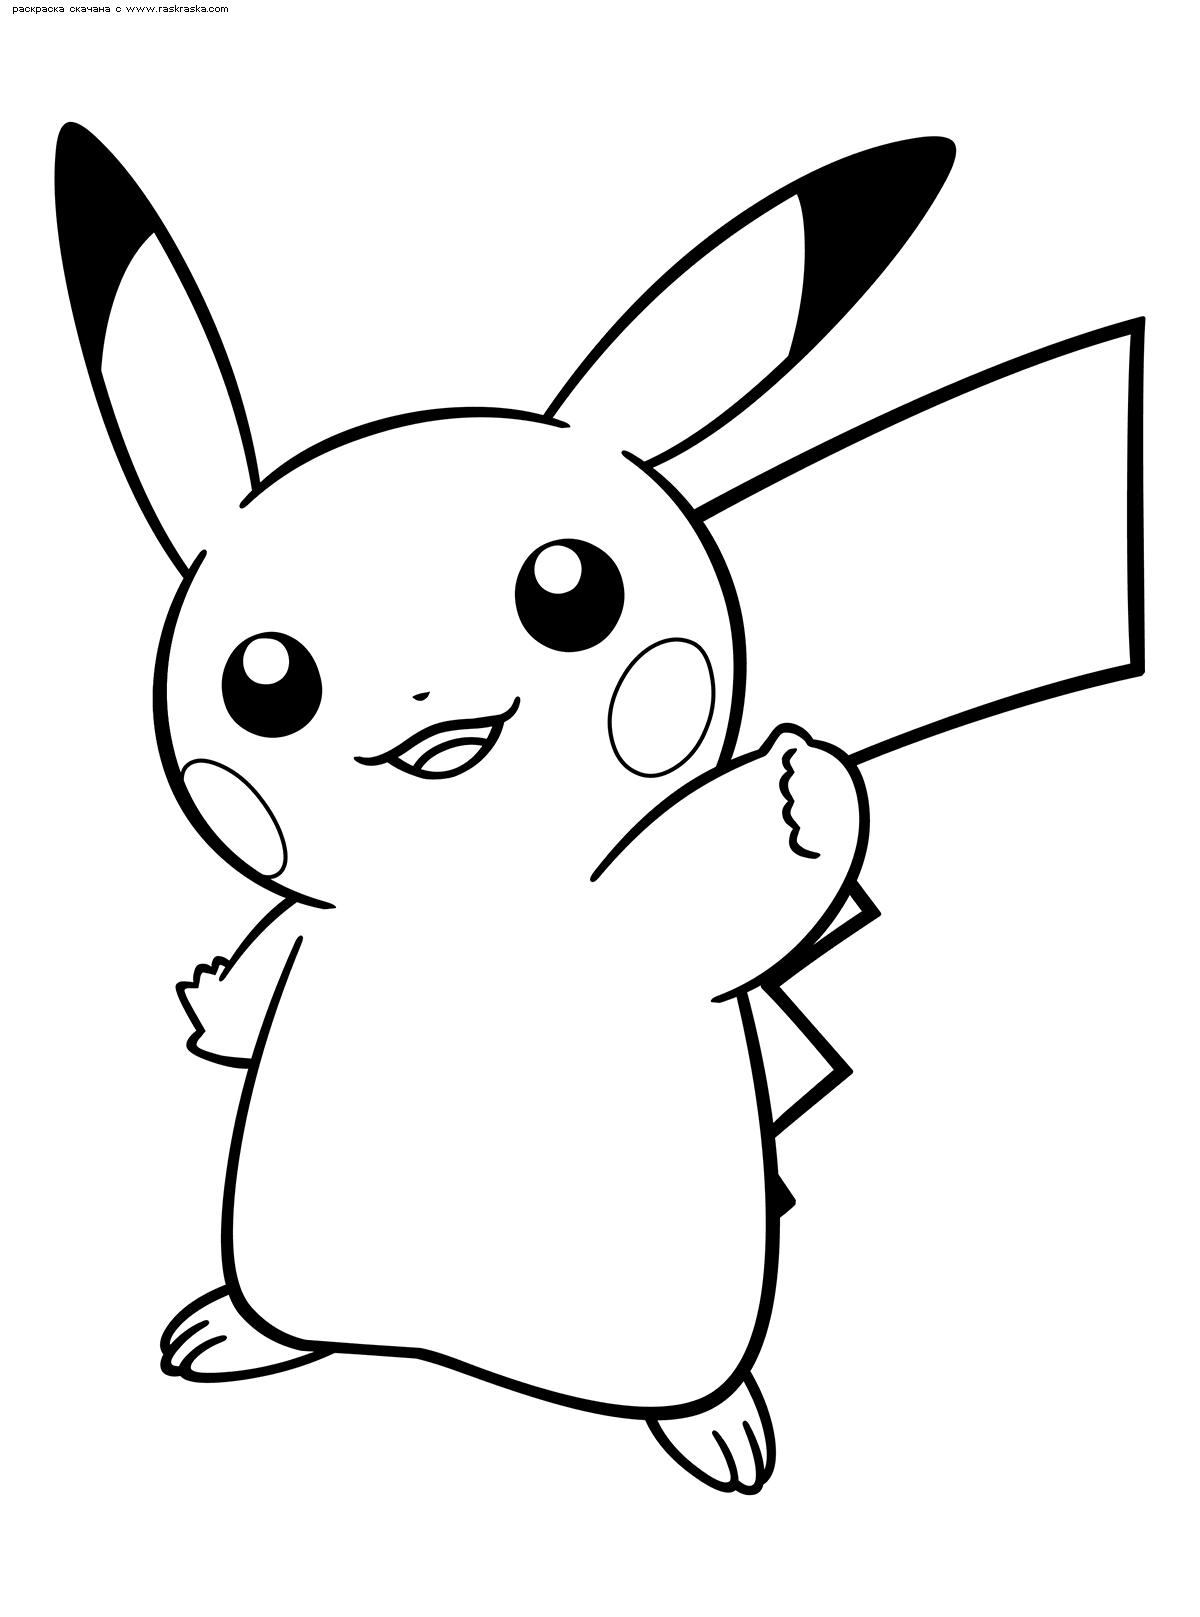 Раскраска Покемон | Раскраски Пикачу (Pikachu)